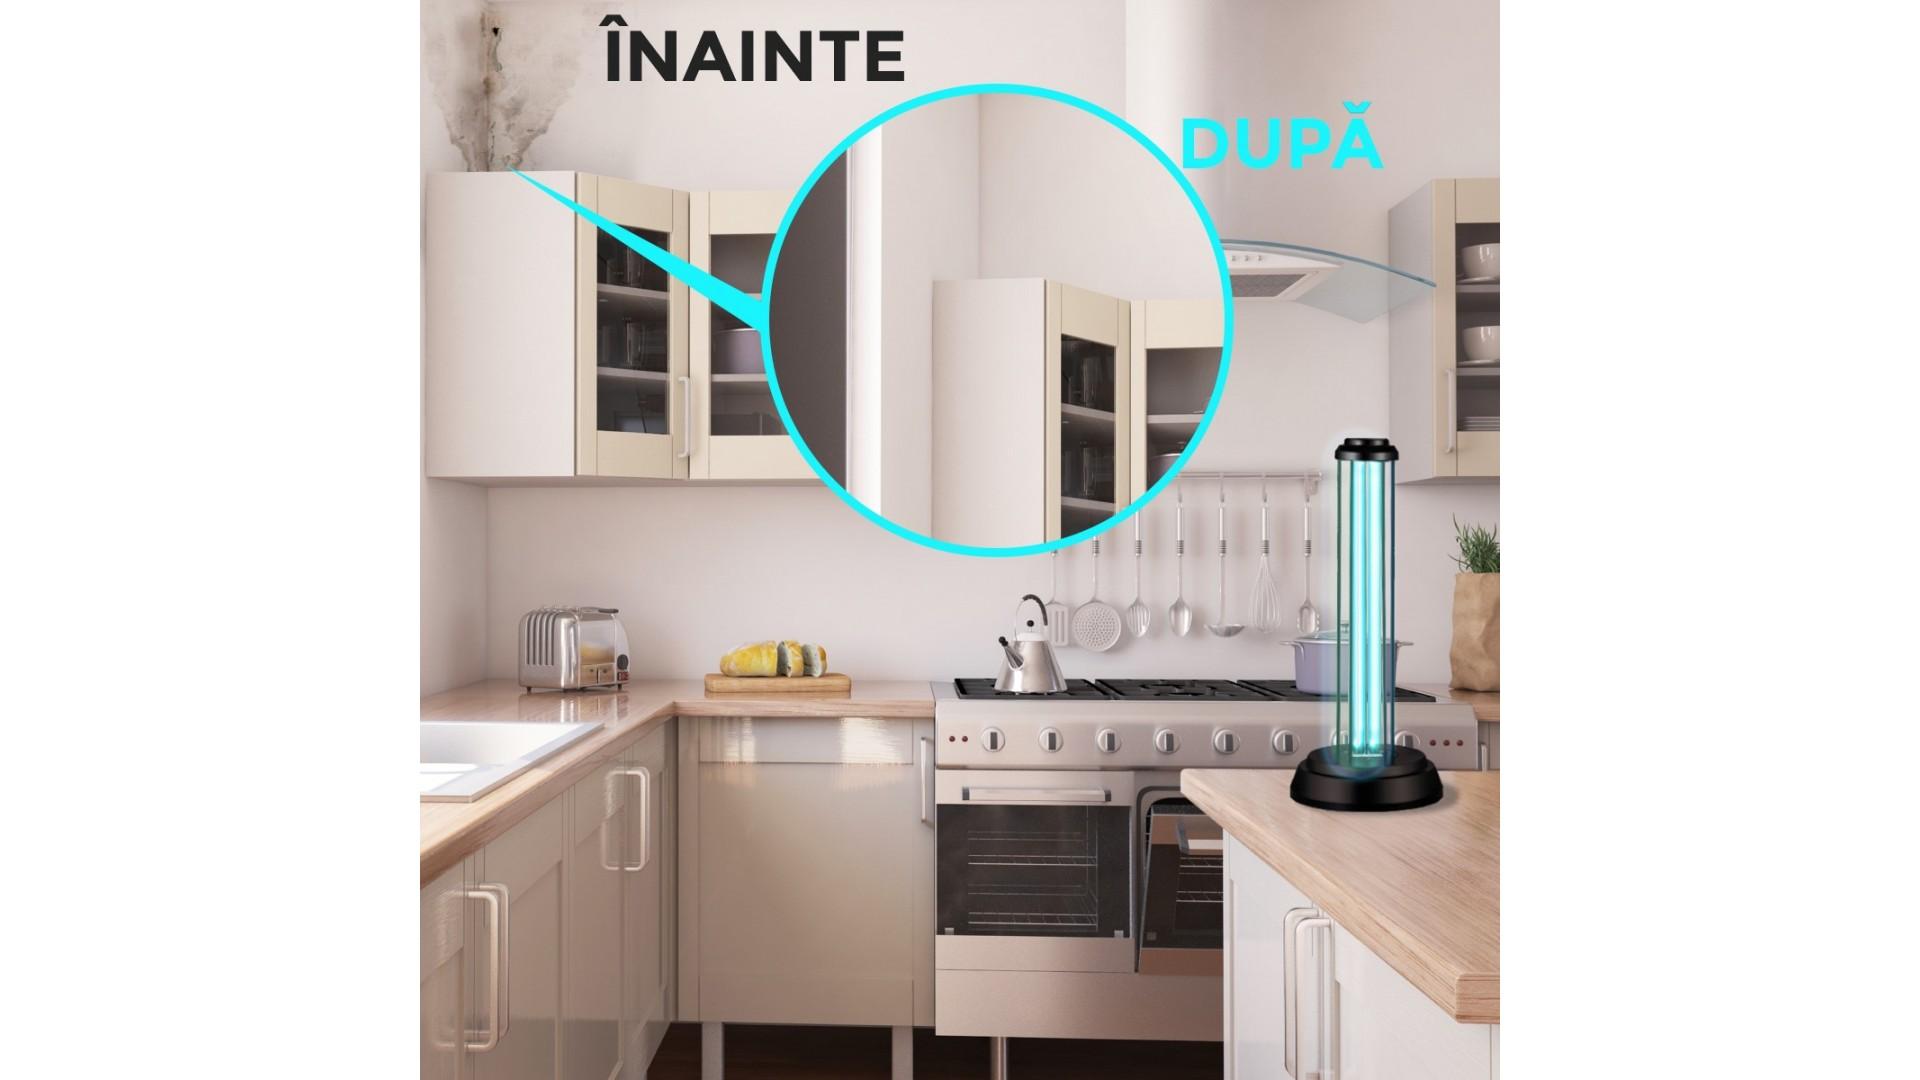 Lampa UV – Solutia rapida impotriva mucegaiului